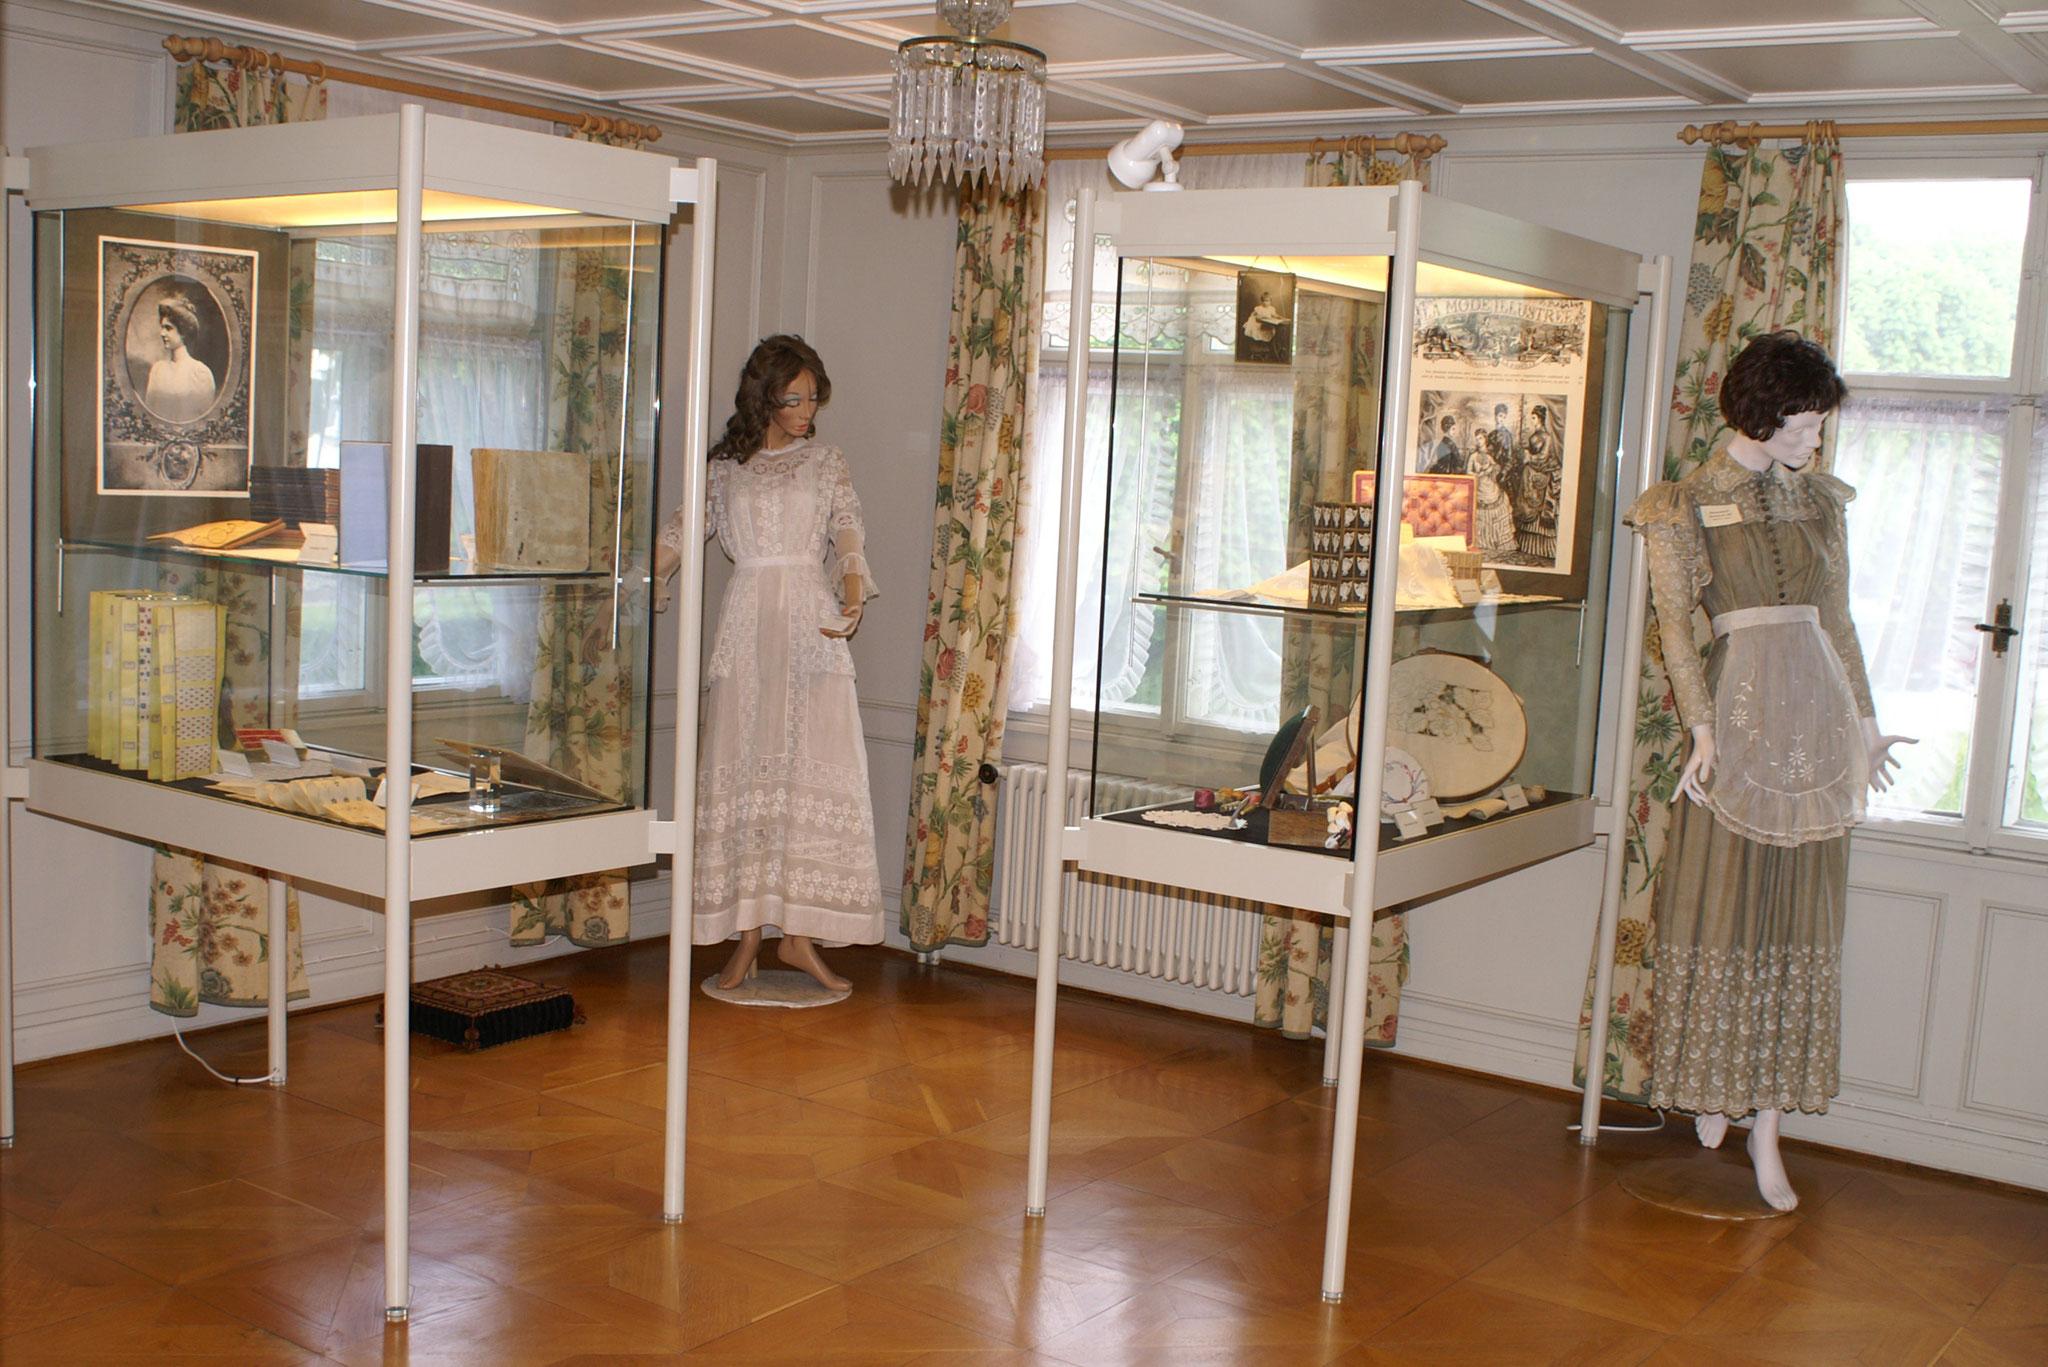 Das Stickereizimmer widmet sich den hunderten von Stickereifamilien in Flawil und ihrer Arbeit, aber auch den traditionsreichen Stickereifirmen